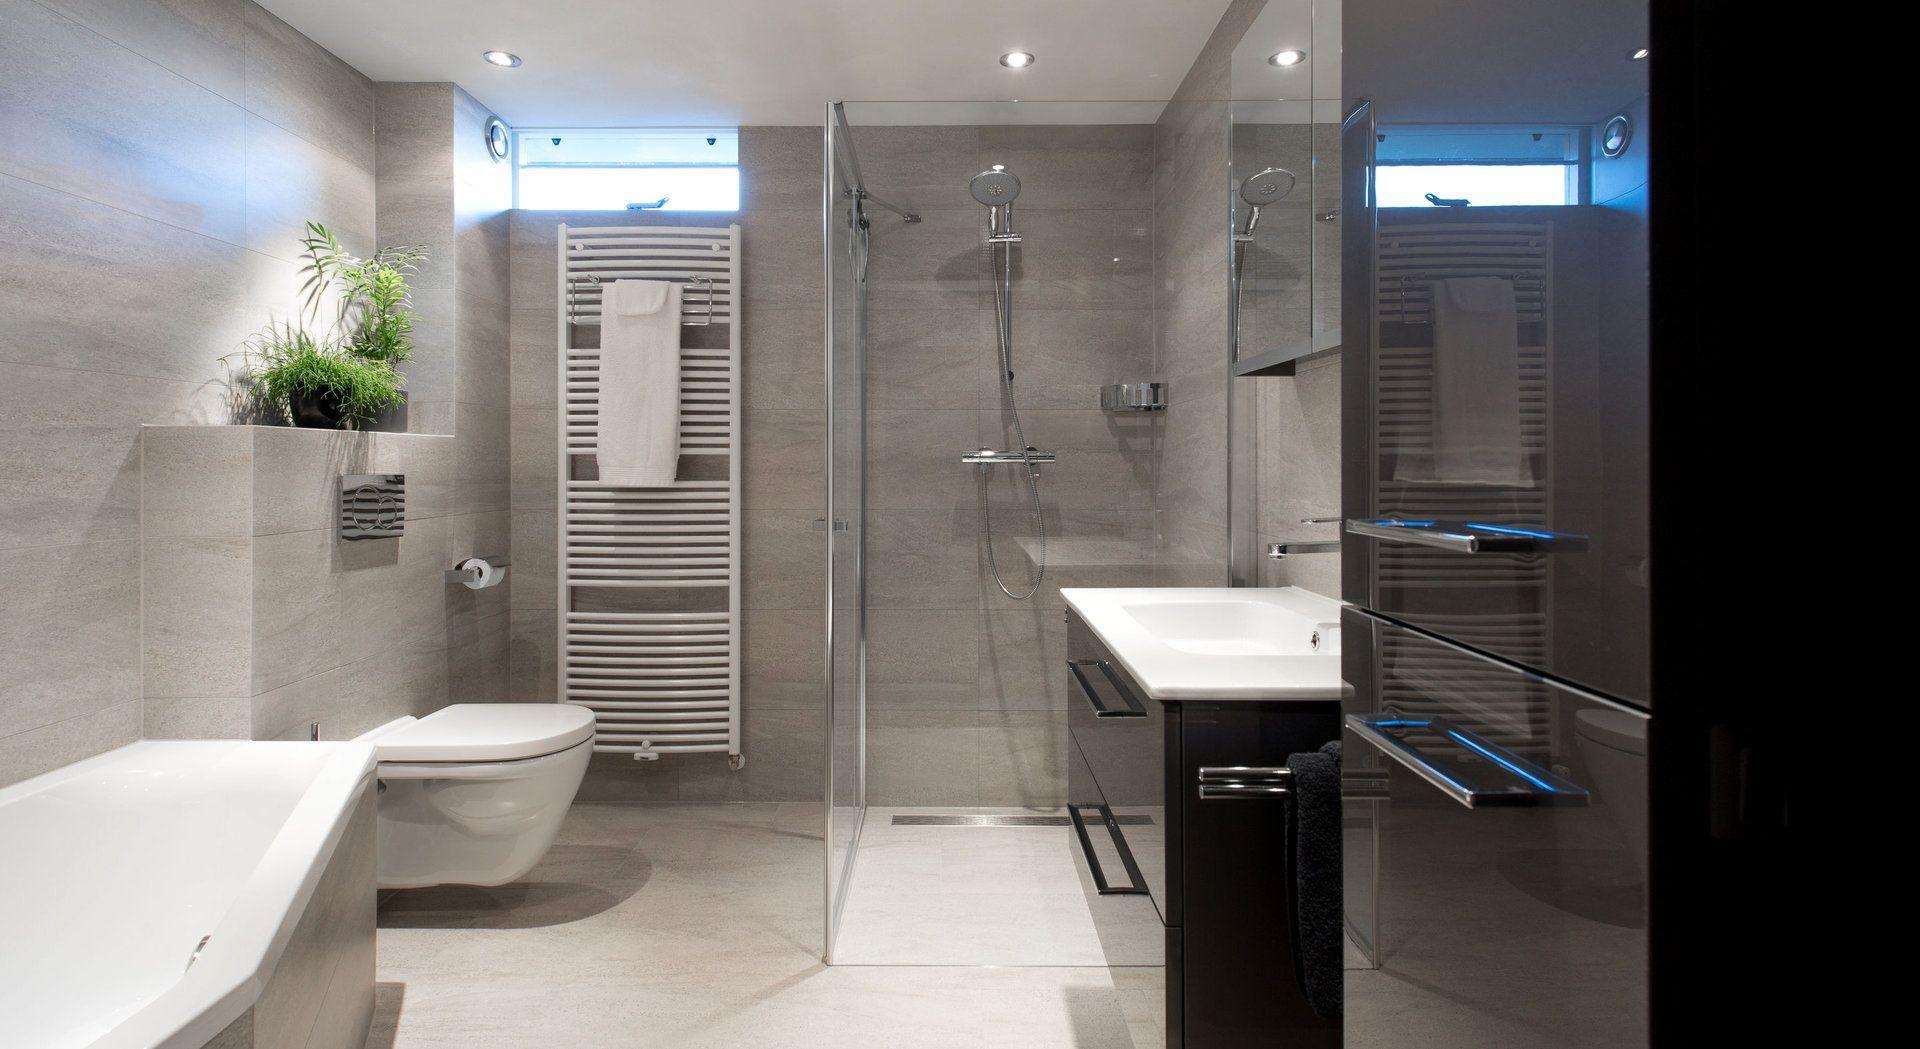 Strakke Badkamer Wanden : Weer een strakke badkamer van middelkoop culemborg hier de